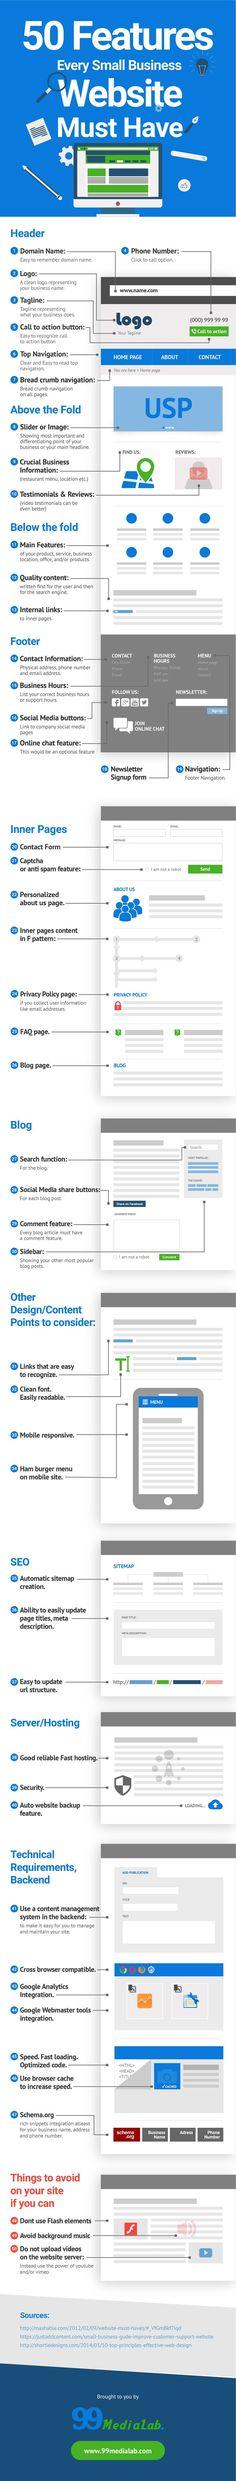 Eine kurze informative Übersicht über Features, die ihr auf eurer Website einbauen solltet.